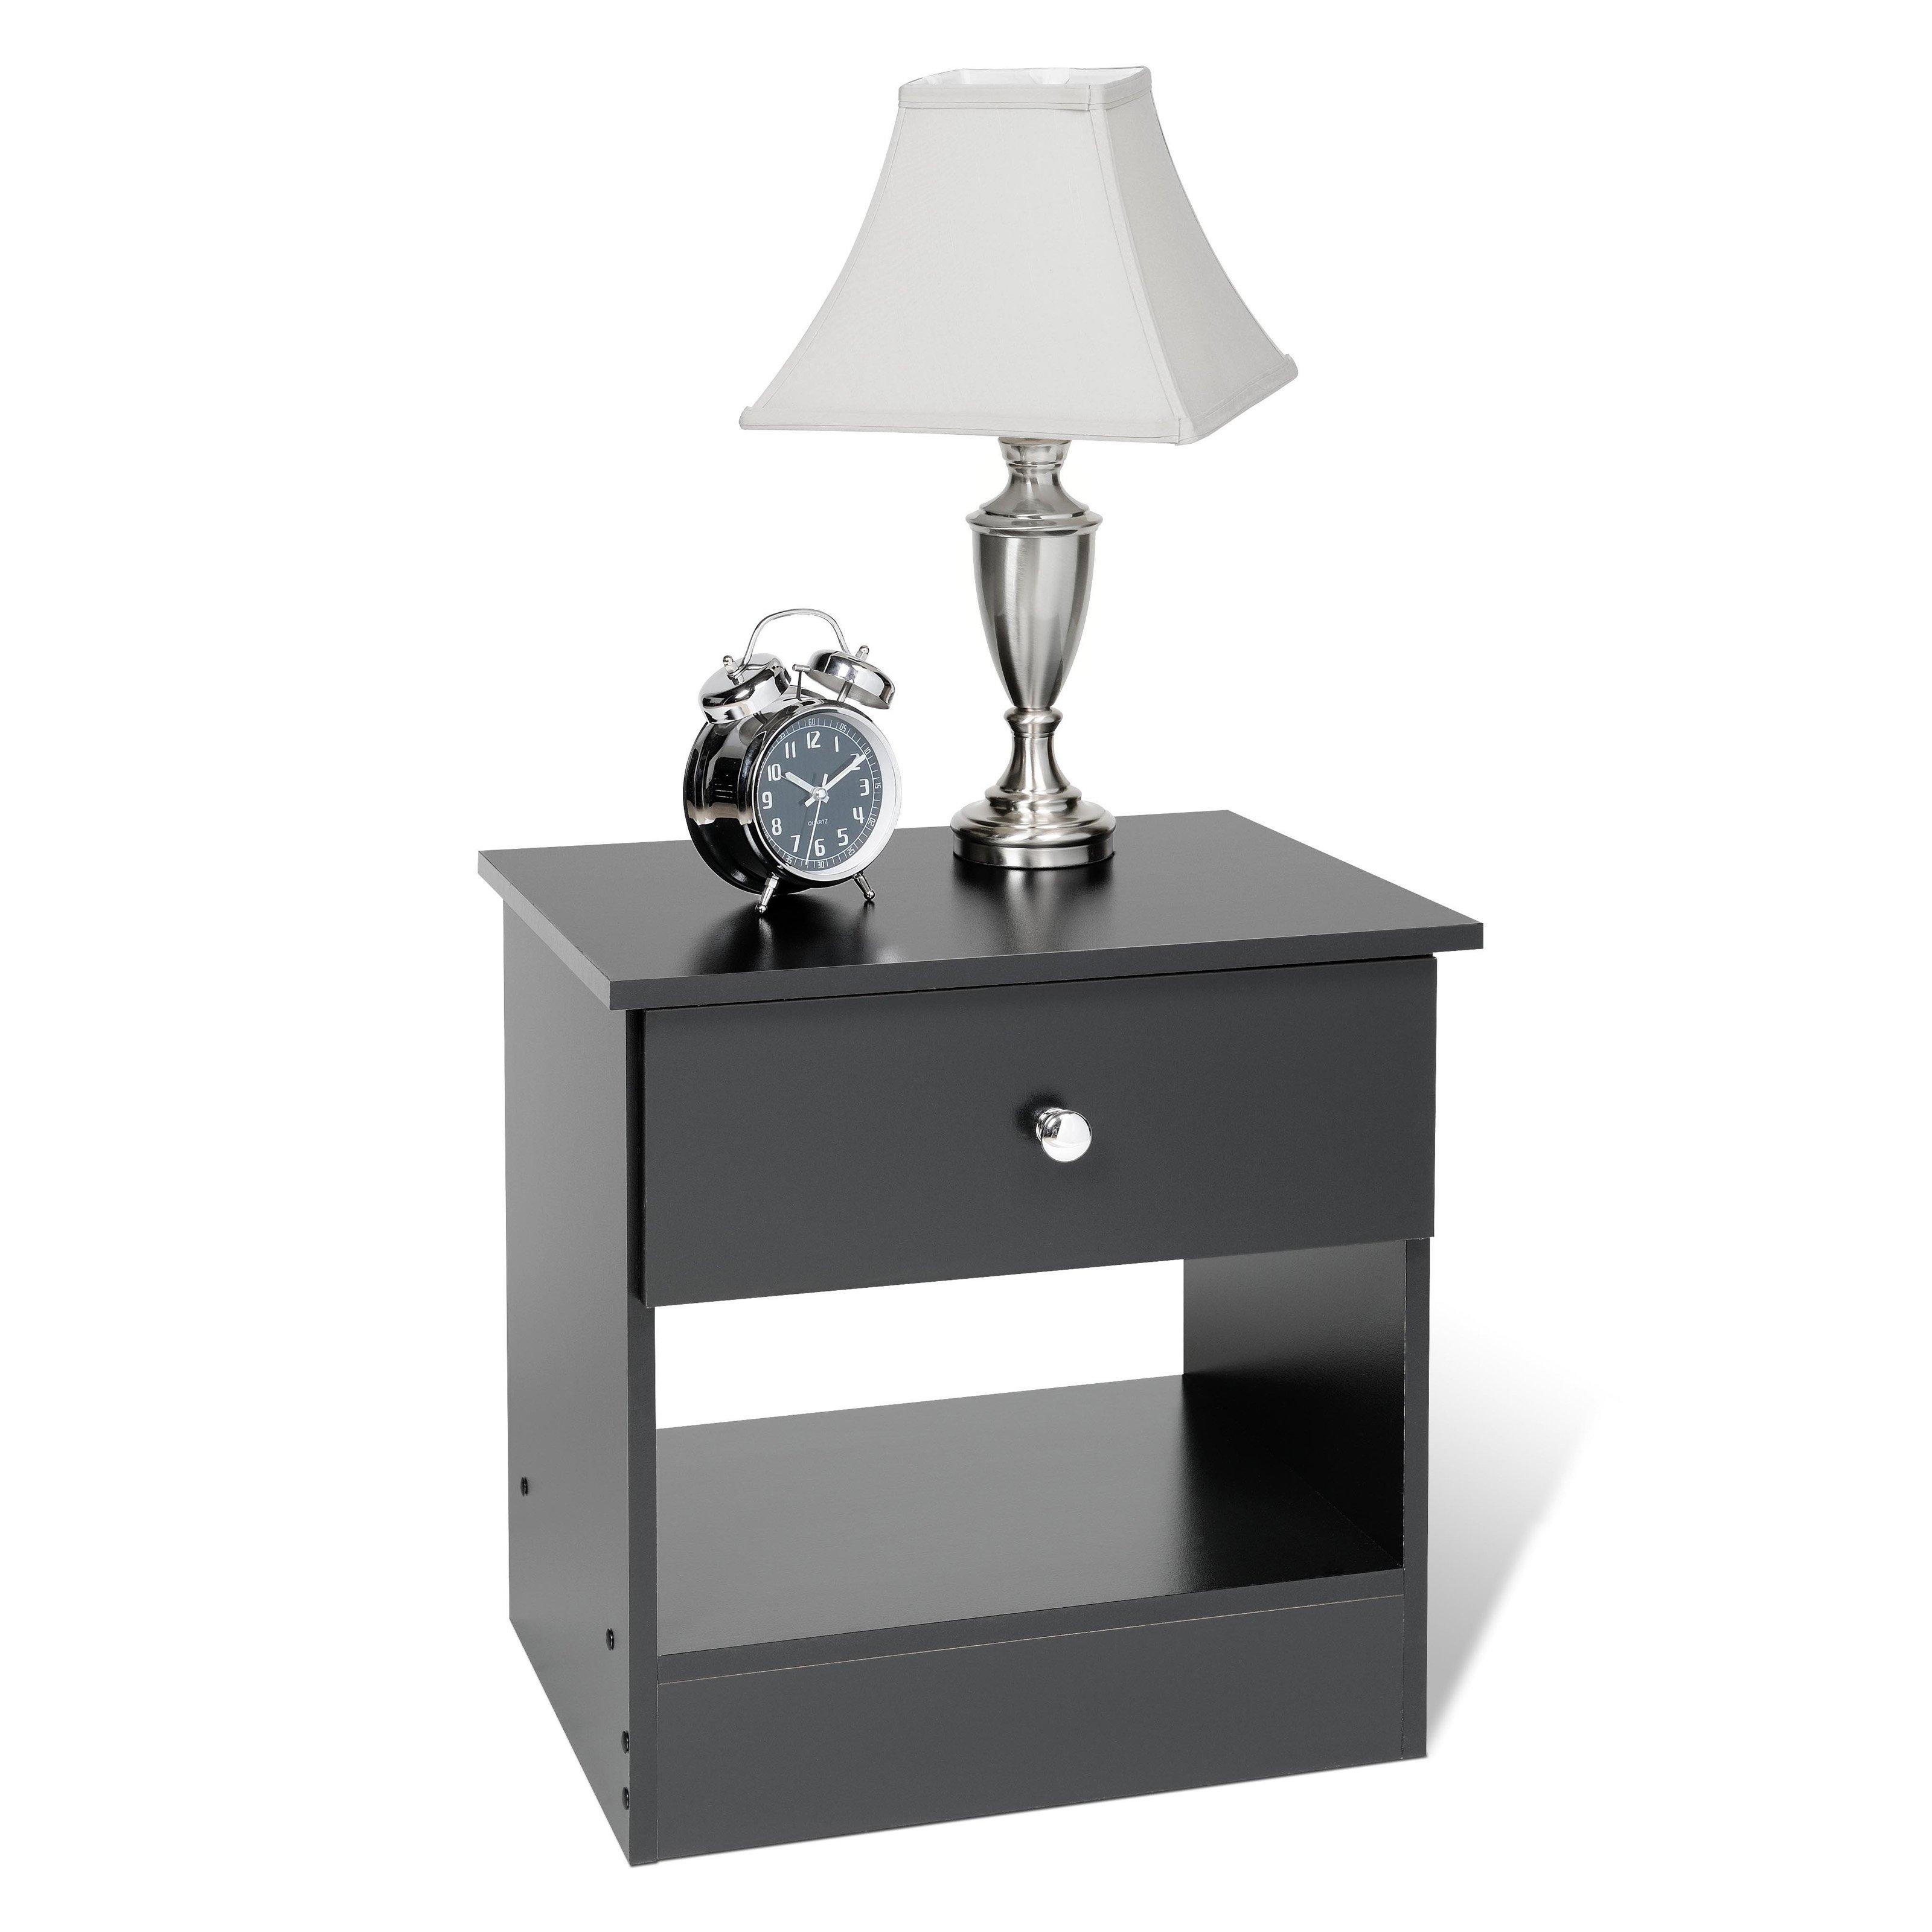 Prepac BEP-2020-1 Casual One Drawer Nightstand - Black